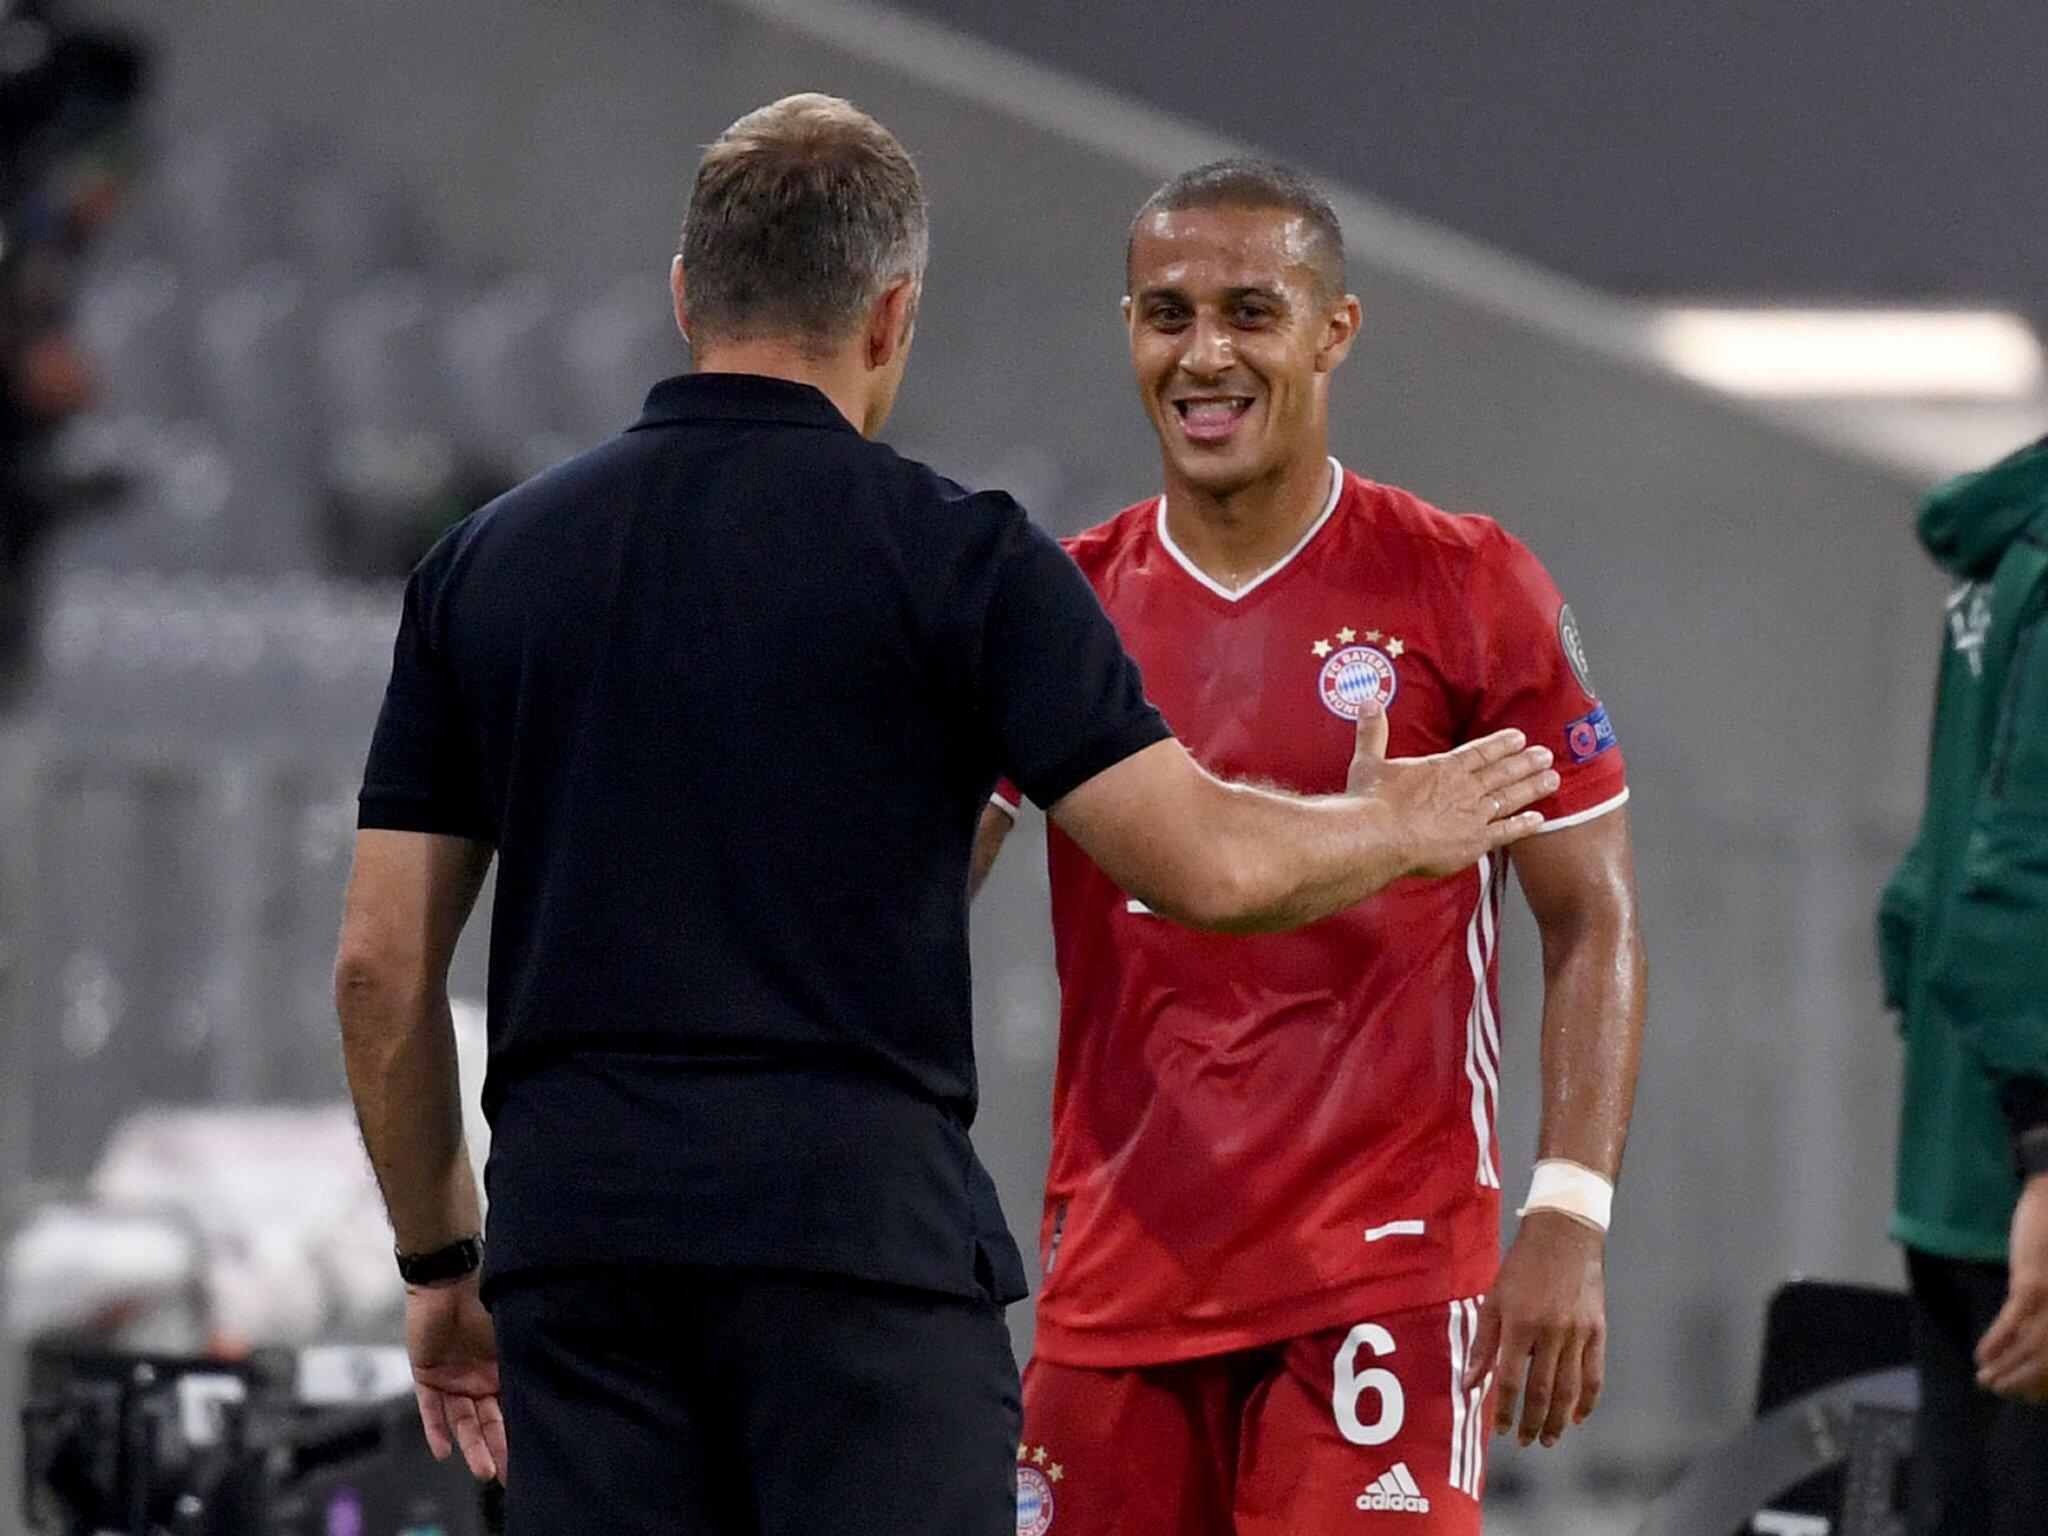 Fotografie von Hans-Dieter Flick, Thiago, Bayern München, Bundesliga